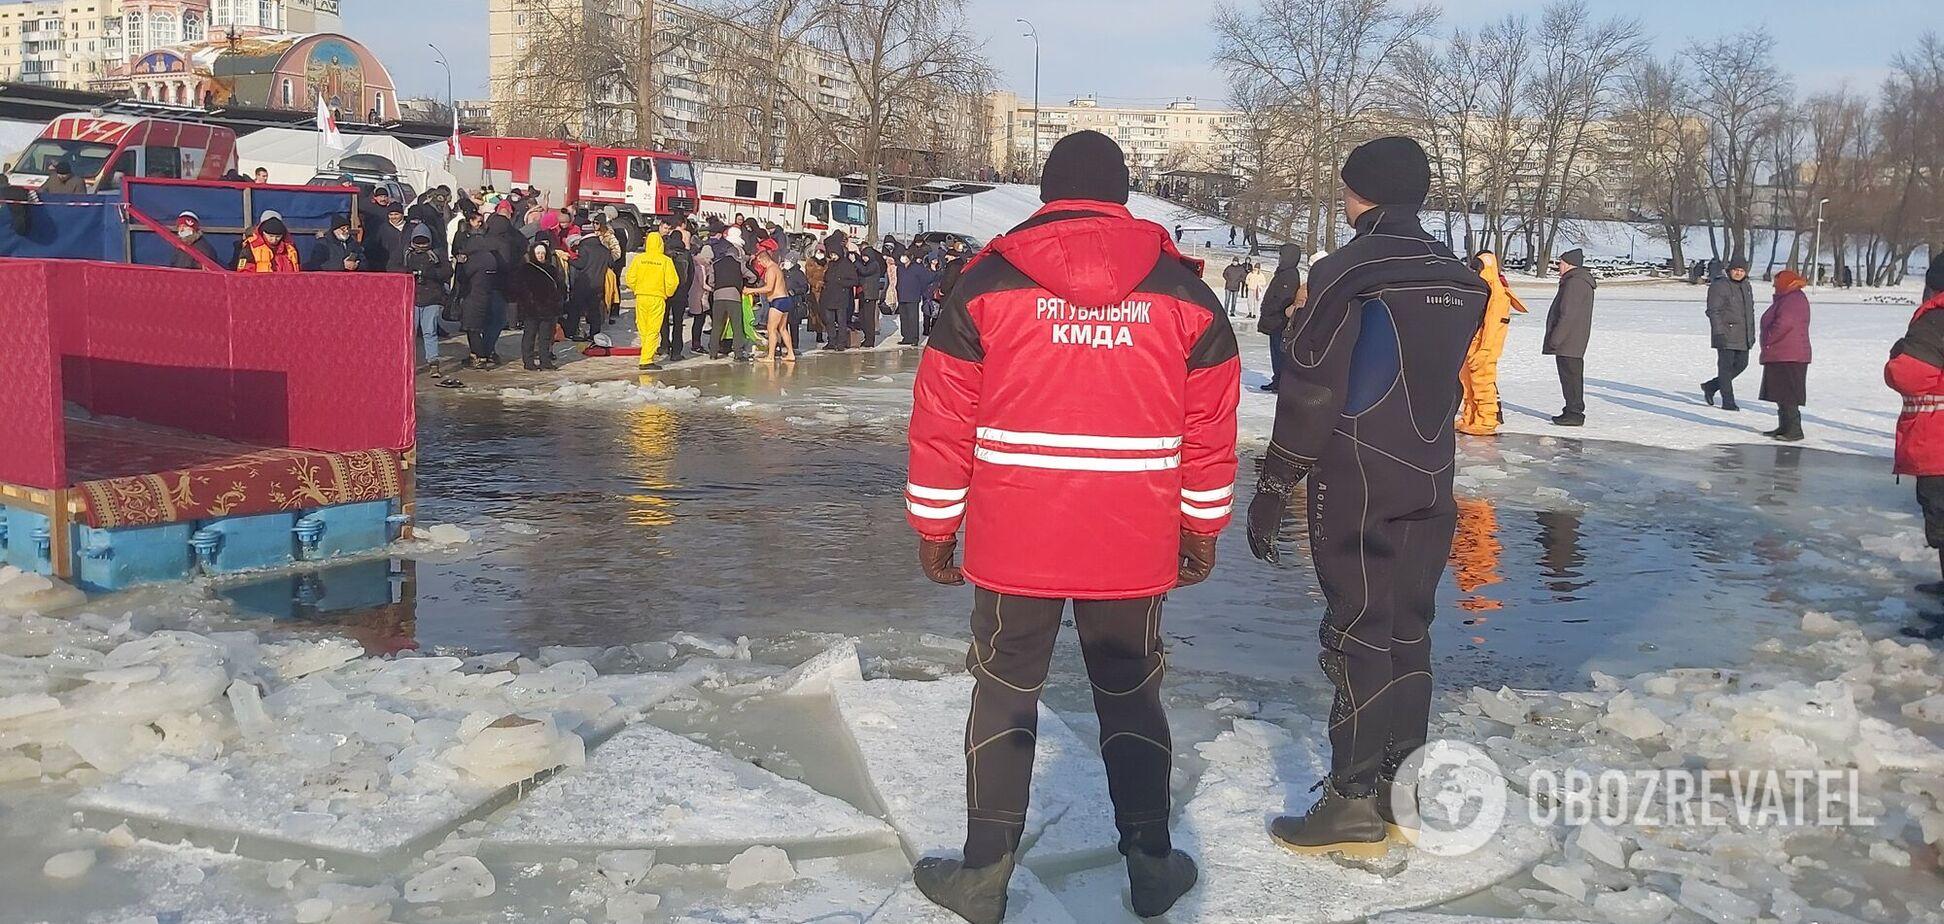 Рядом с прорубью дежурят спасатели и полиция